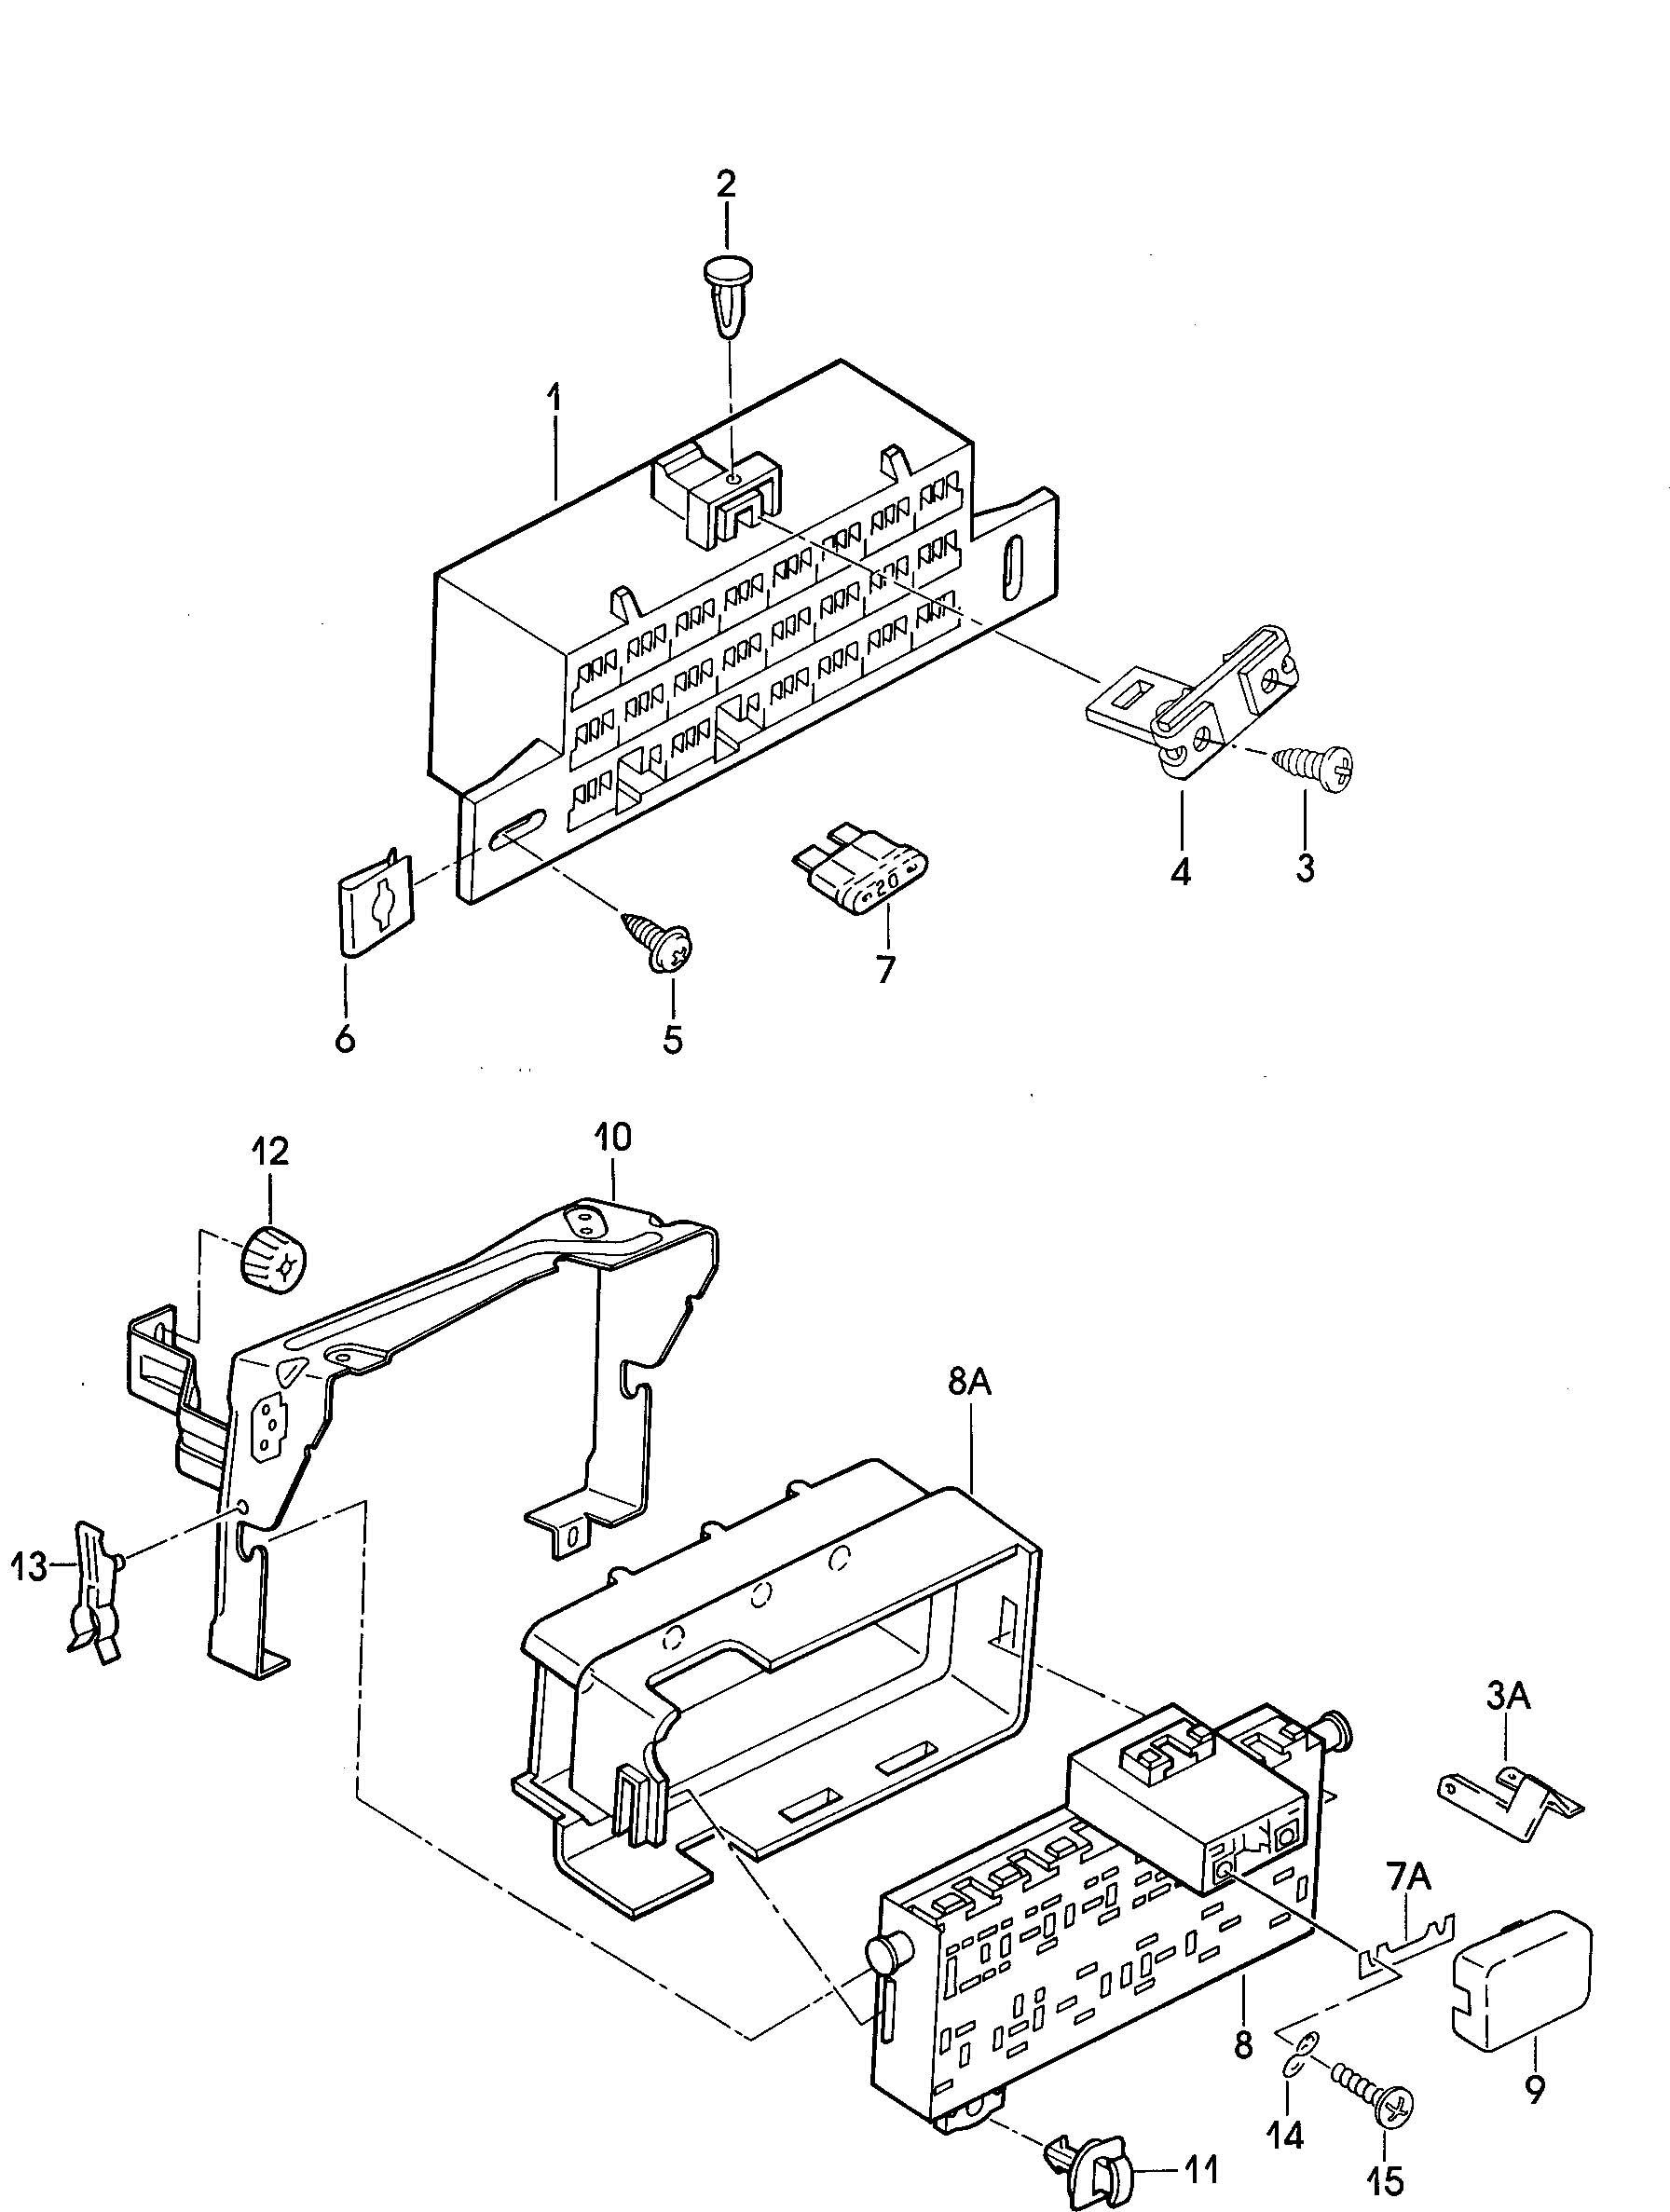 1985 Vw Golf Gti Fuse Box. Diagrams. Auto Fuse Box Diagram